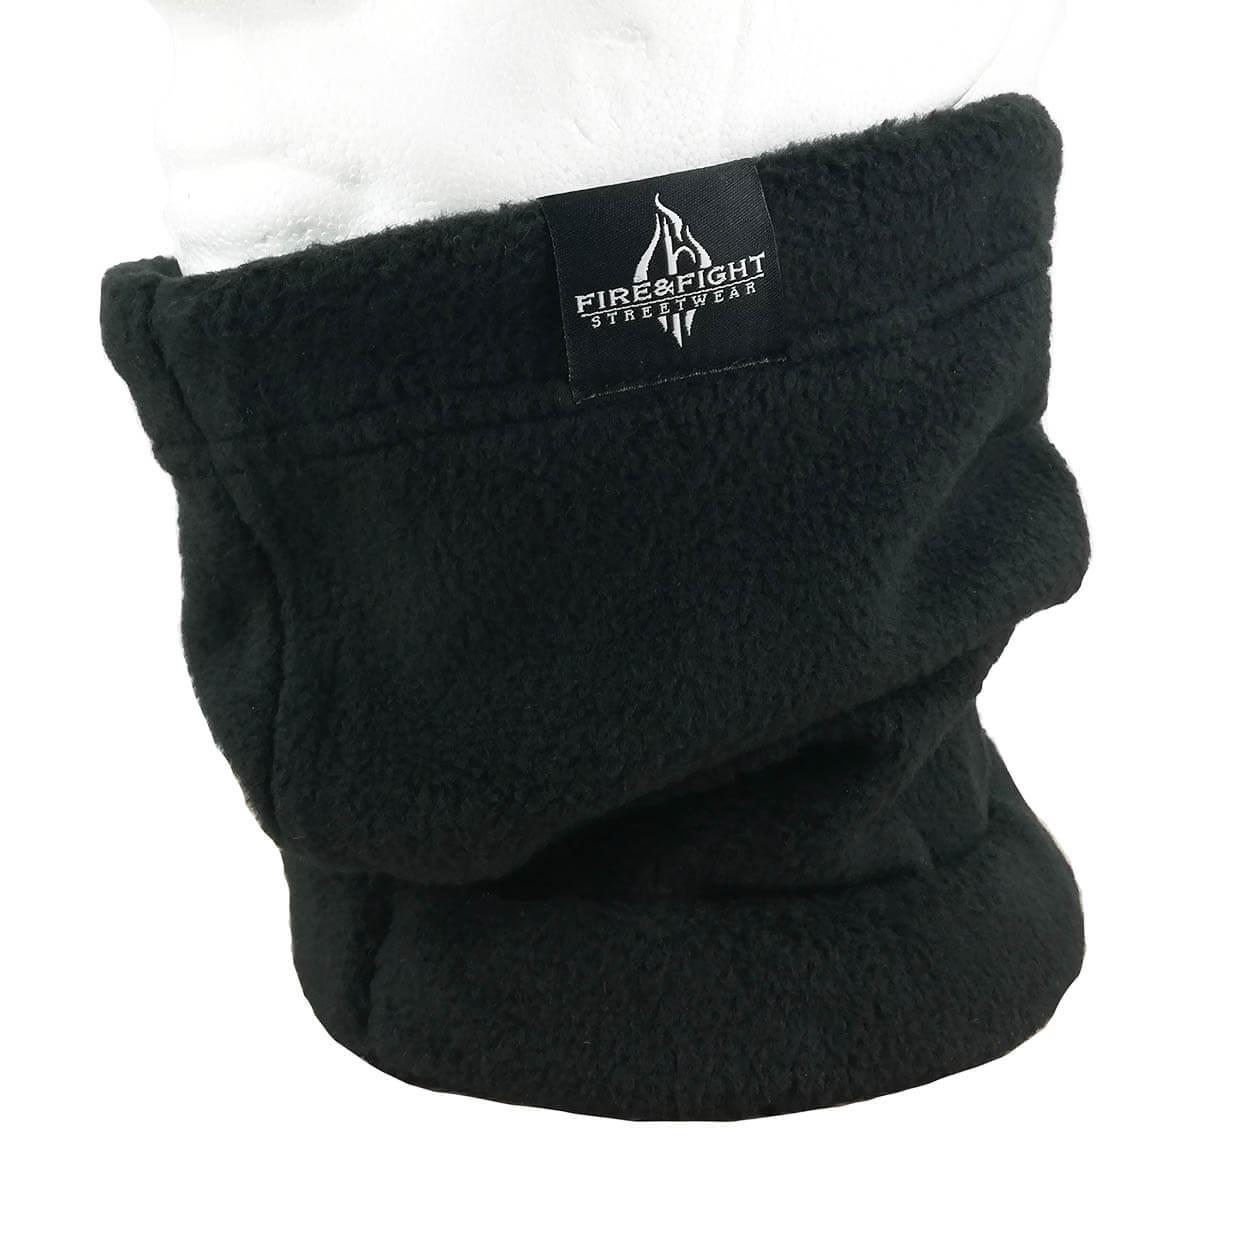 Neckwarmer FIRE & FIGHT Streetwear®